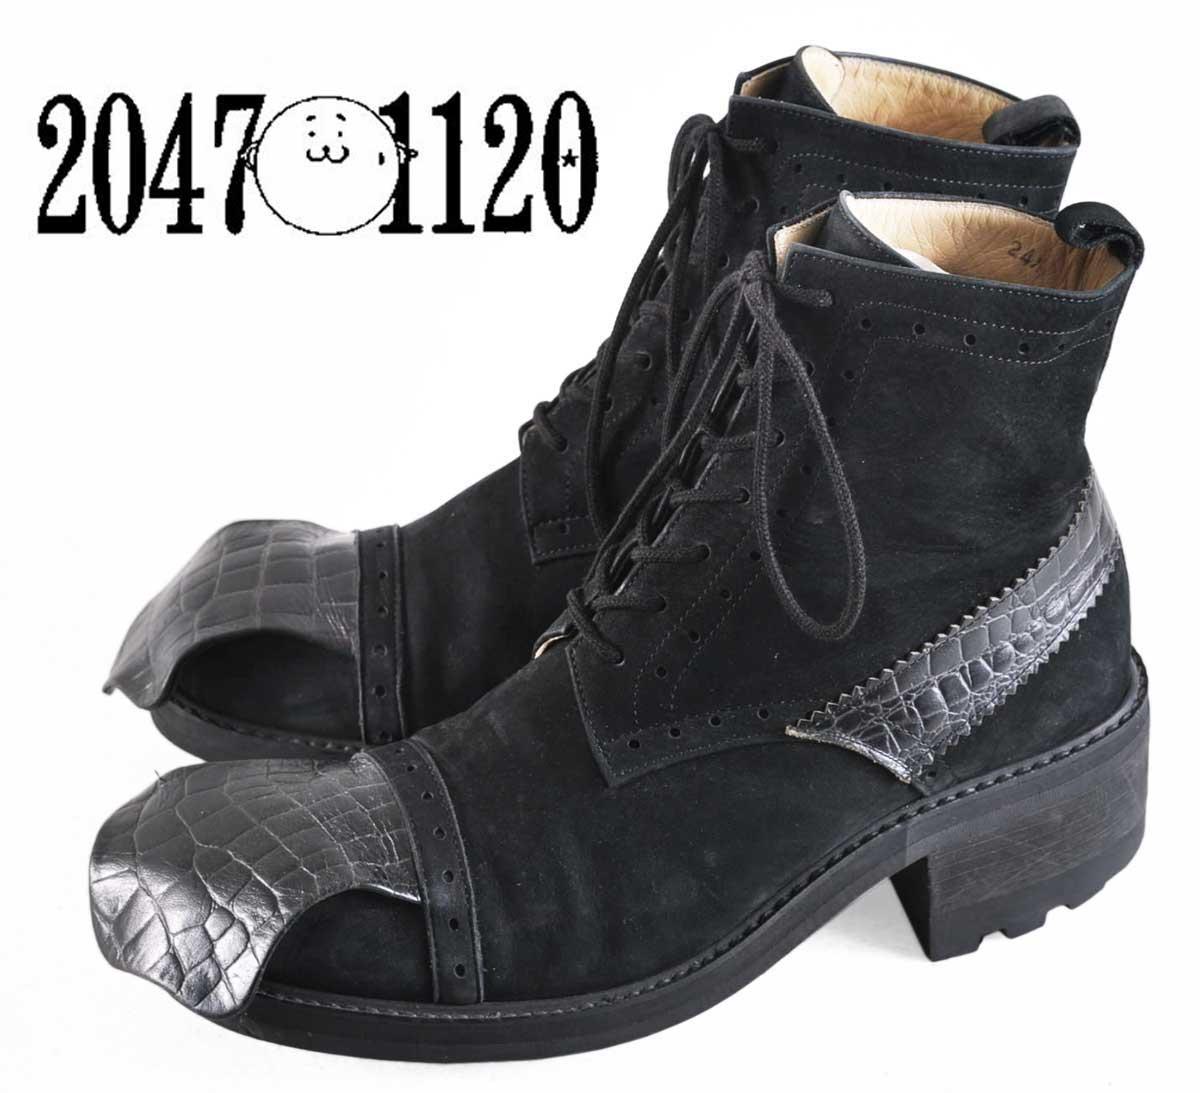 ブーツ, その他  1990 20471120 traiventi JPN24.5cm